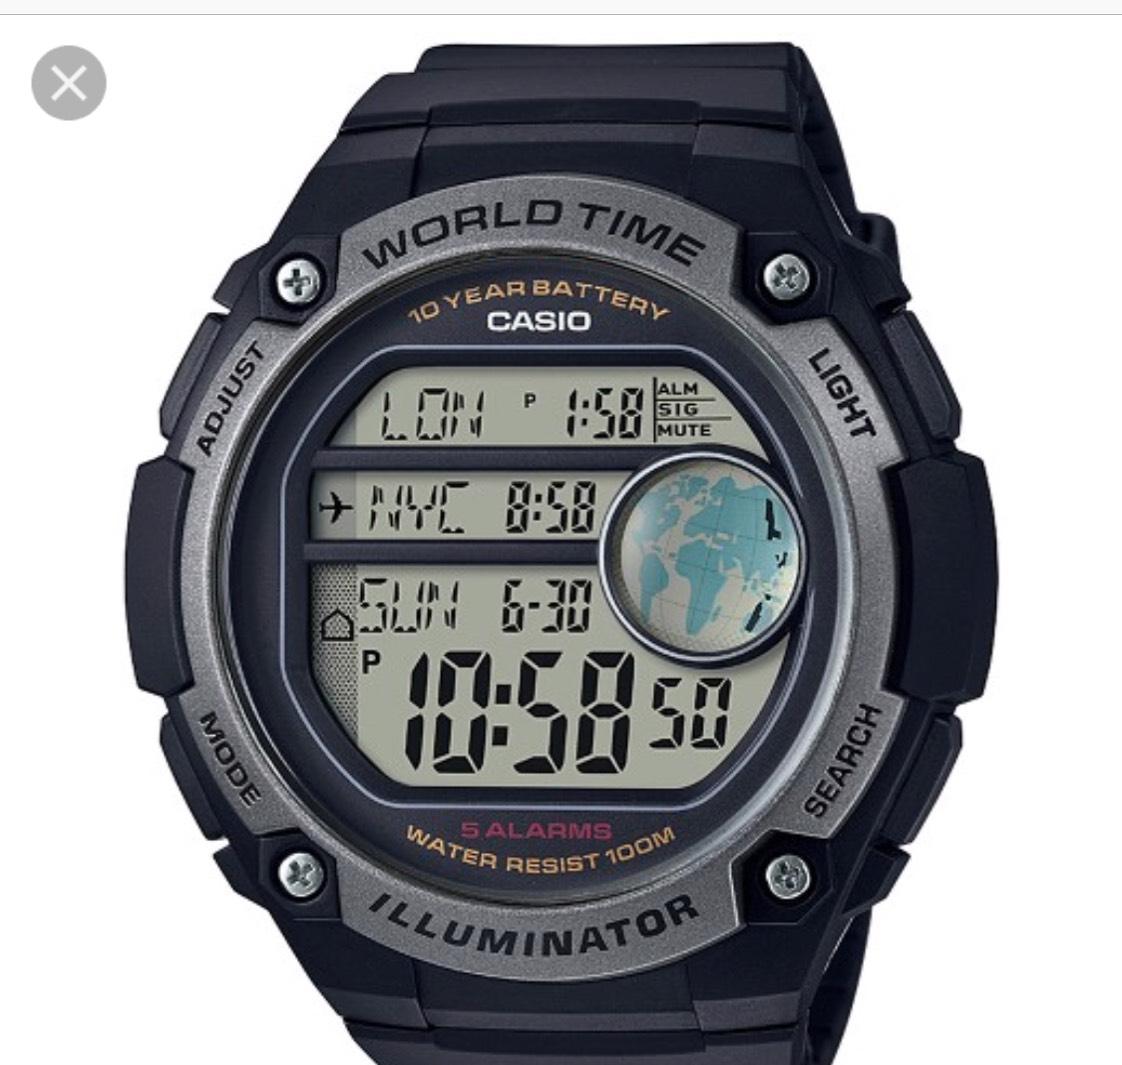 Casio Men's World Time Digital Watch , free c&c £22.49  at Argos